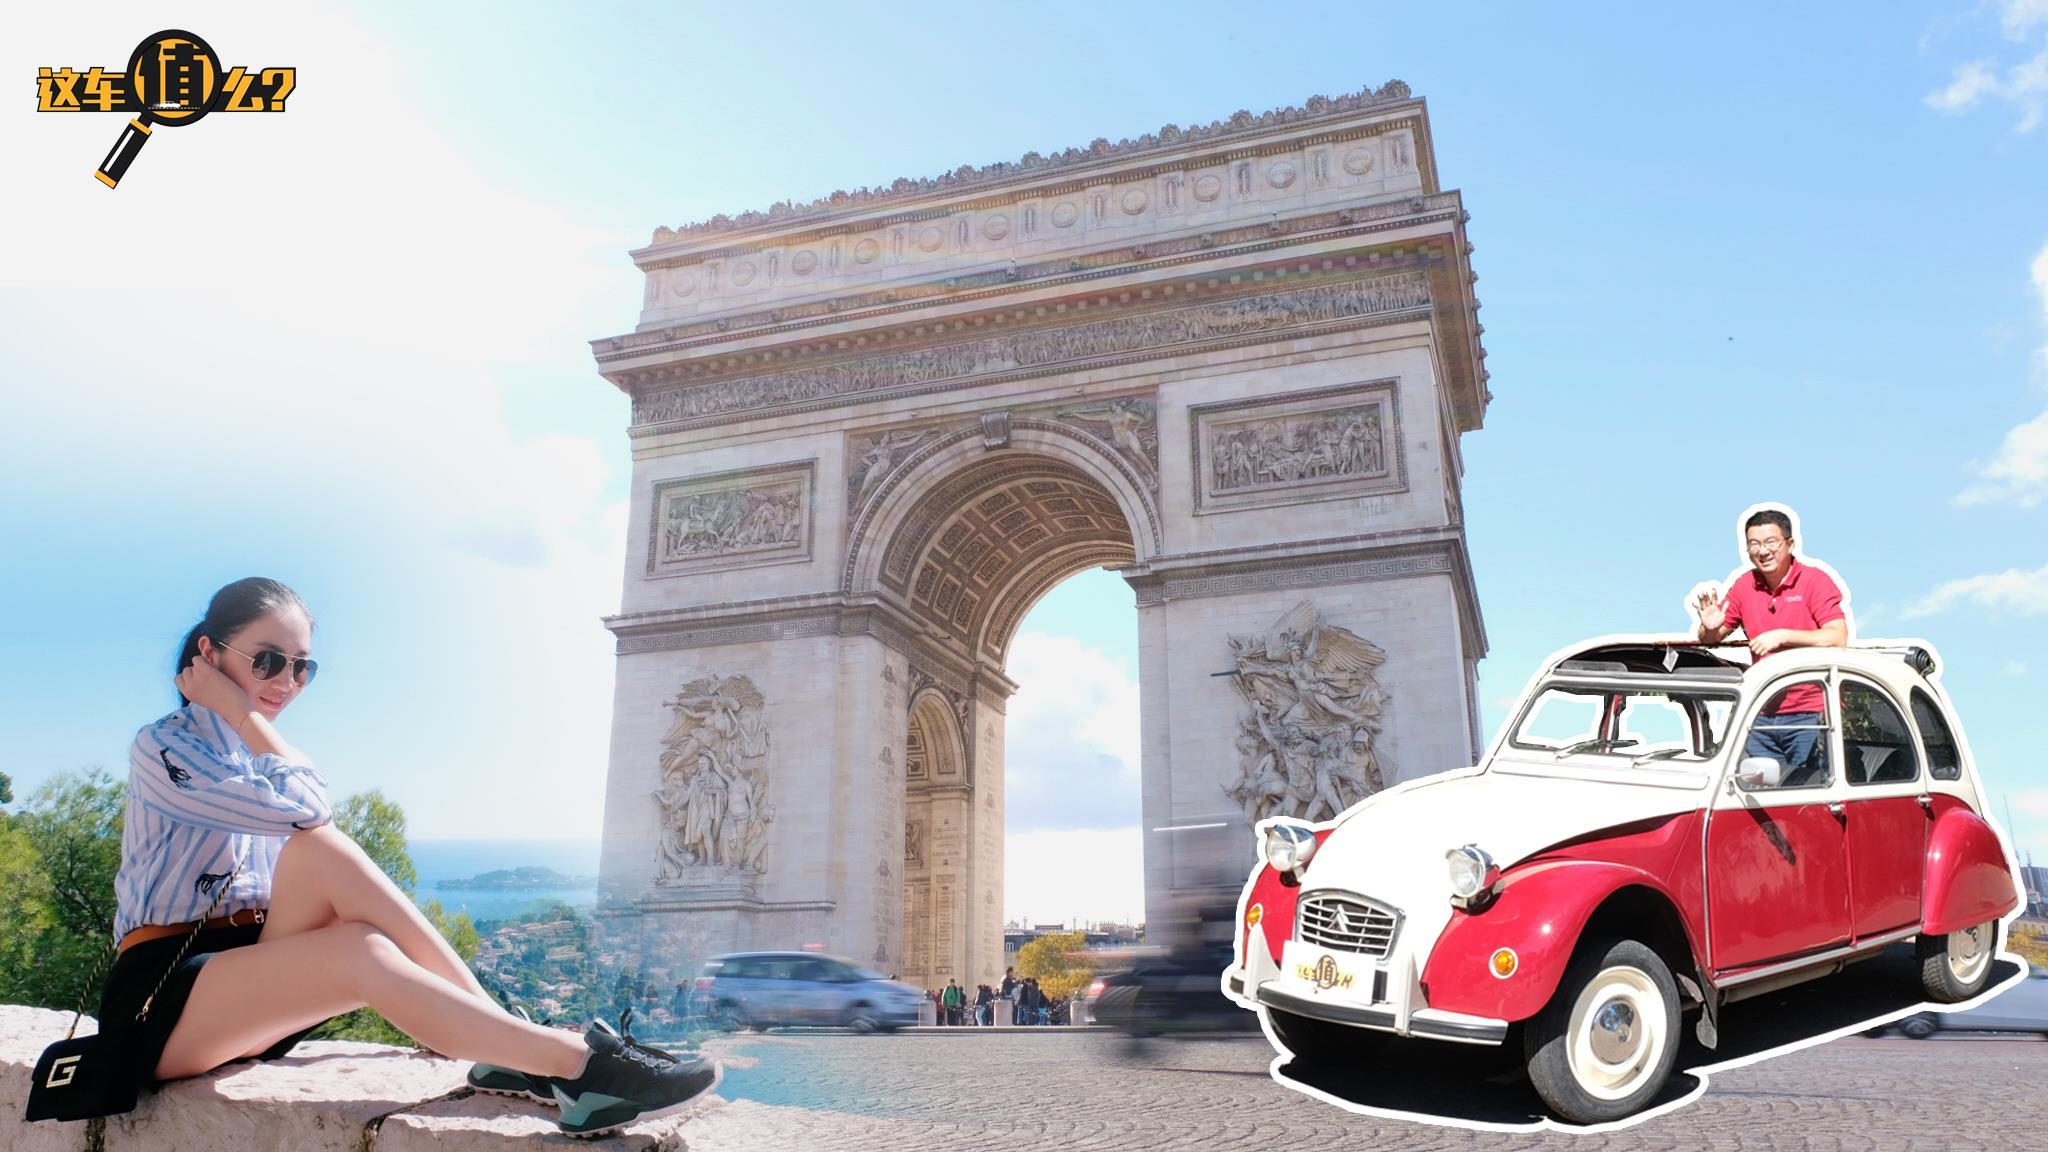 沿路丨巴黎大逃亡:警局取车?蒙特卡洛飙奔驰房车?